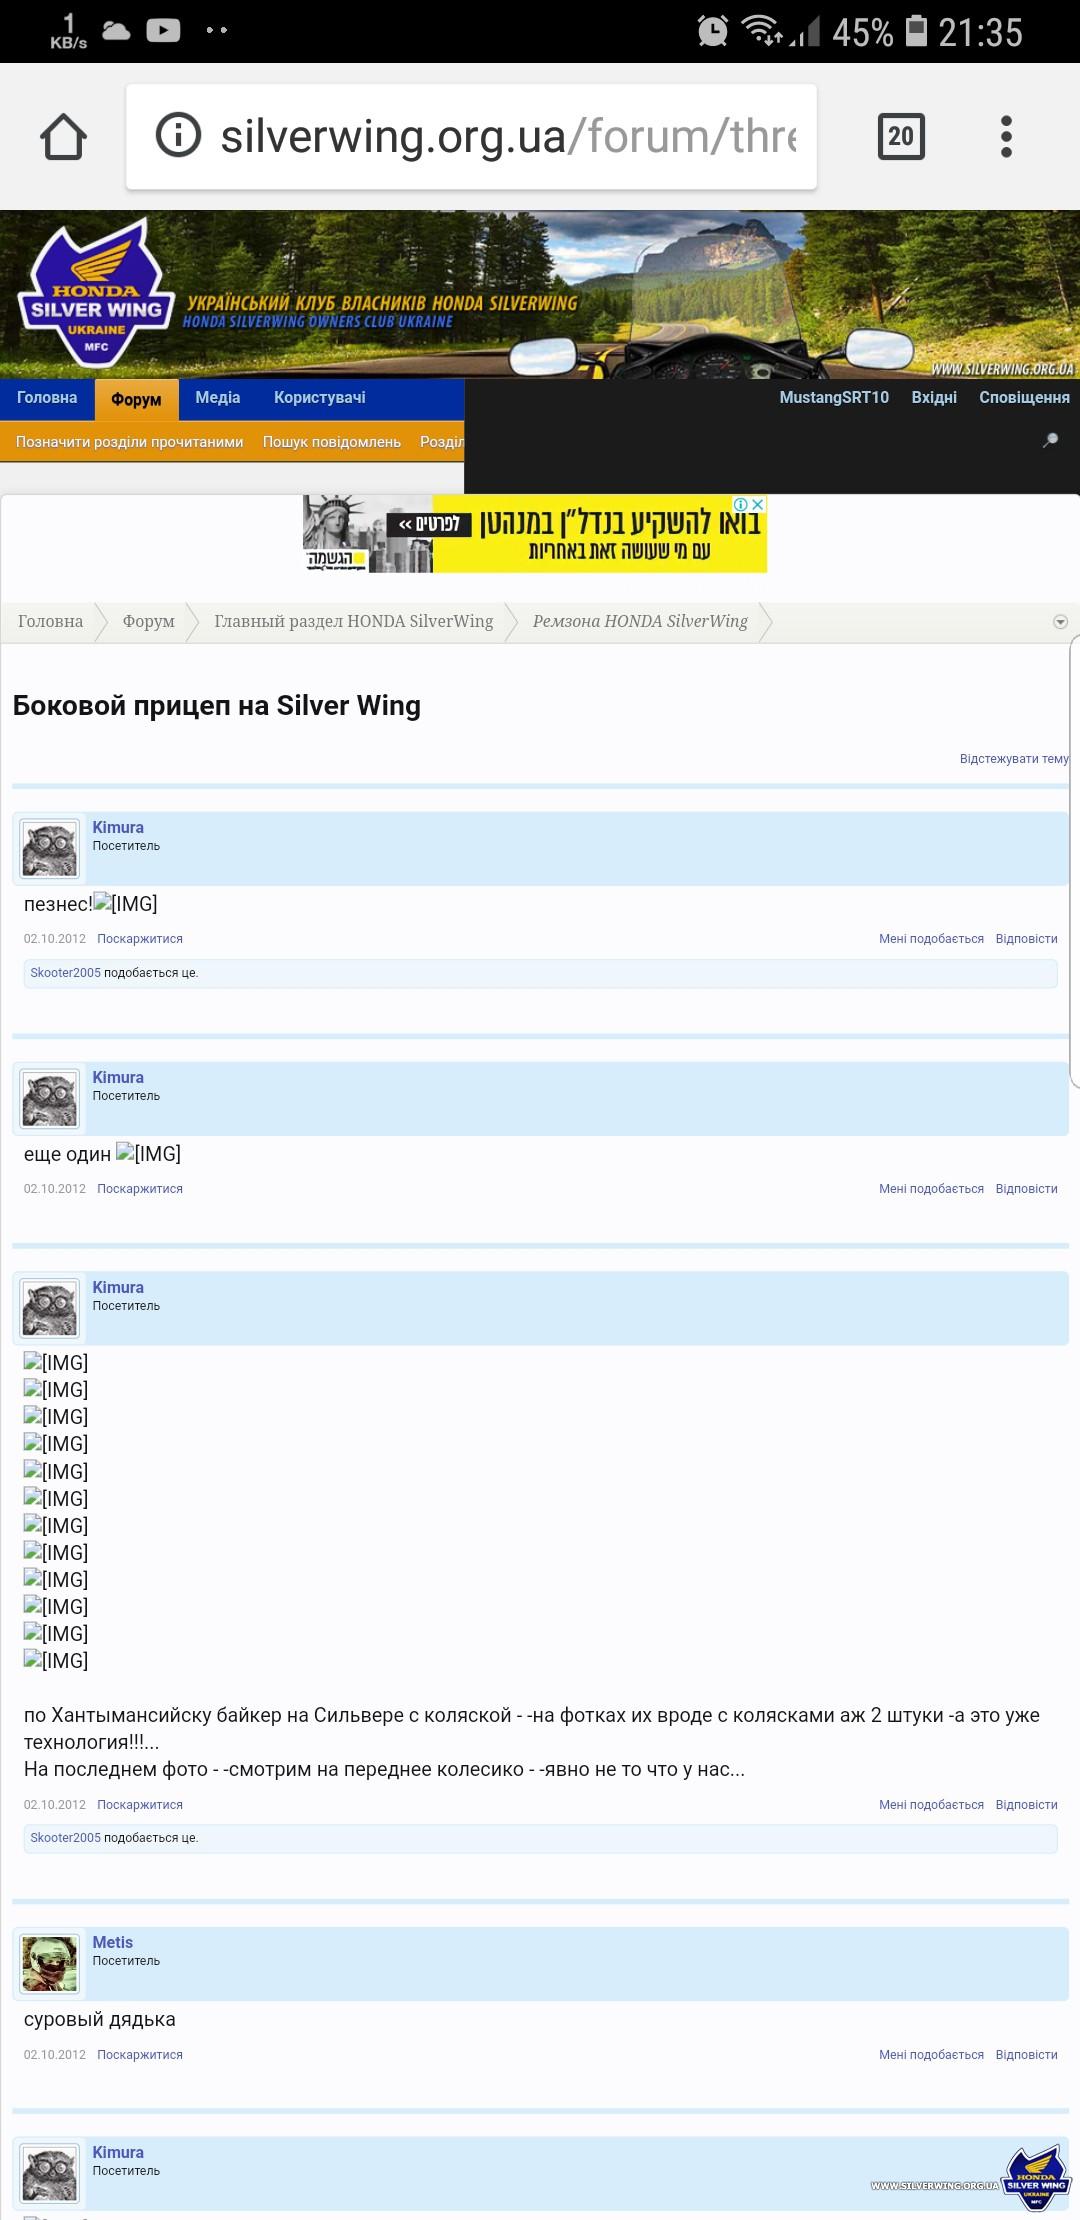 Screenshot_20180809-213518_Chrome.jpg